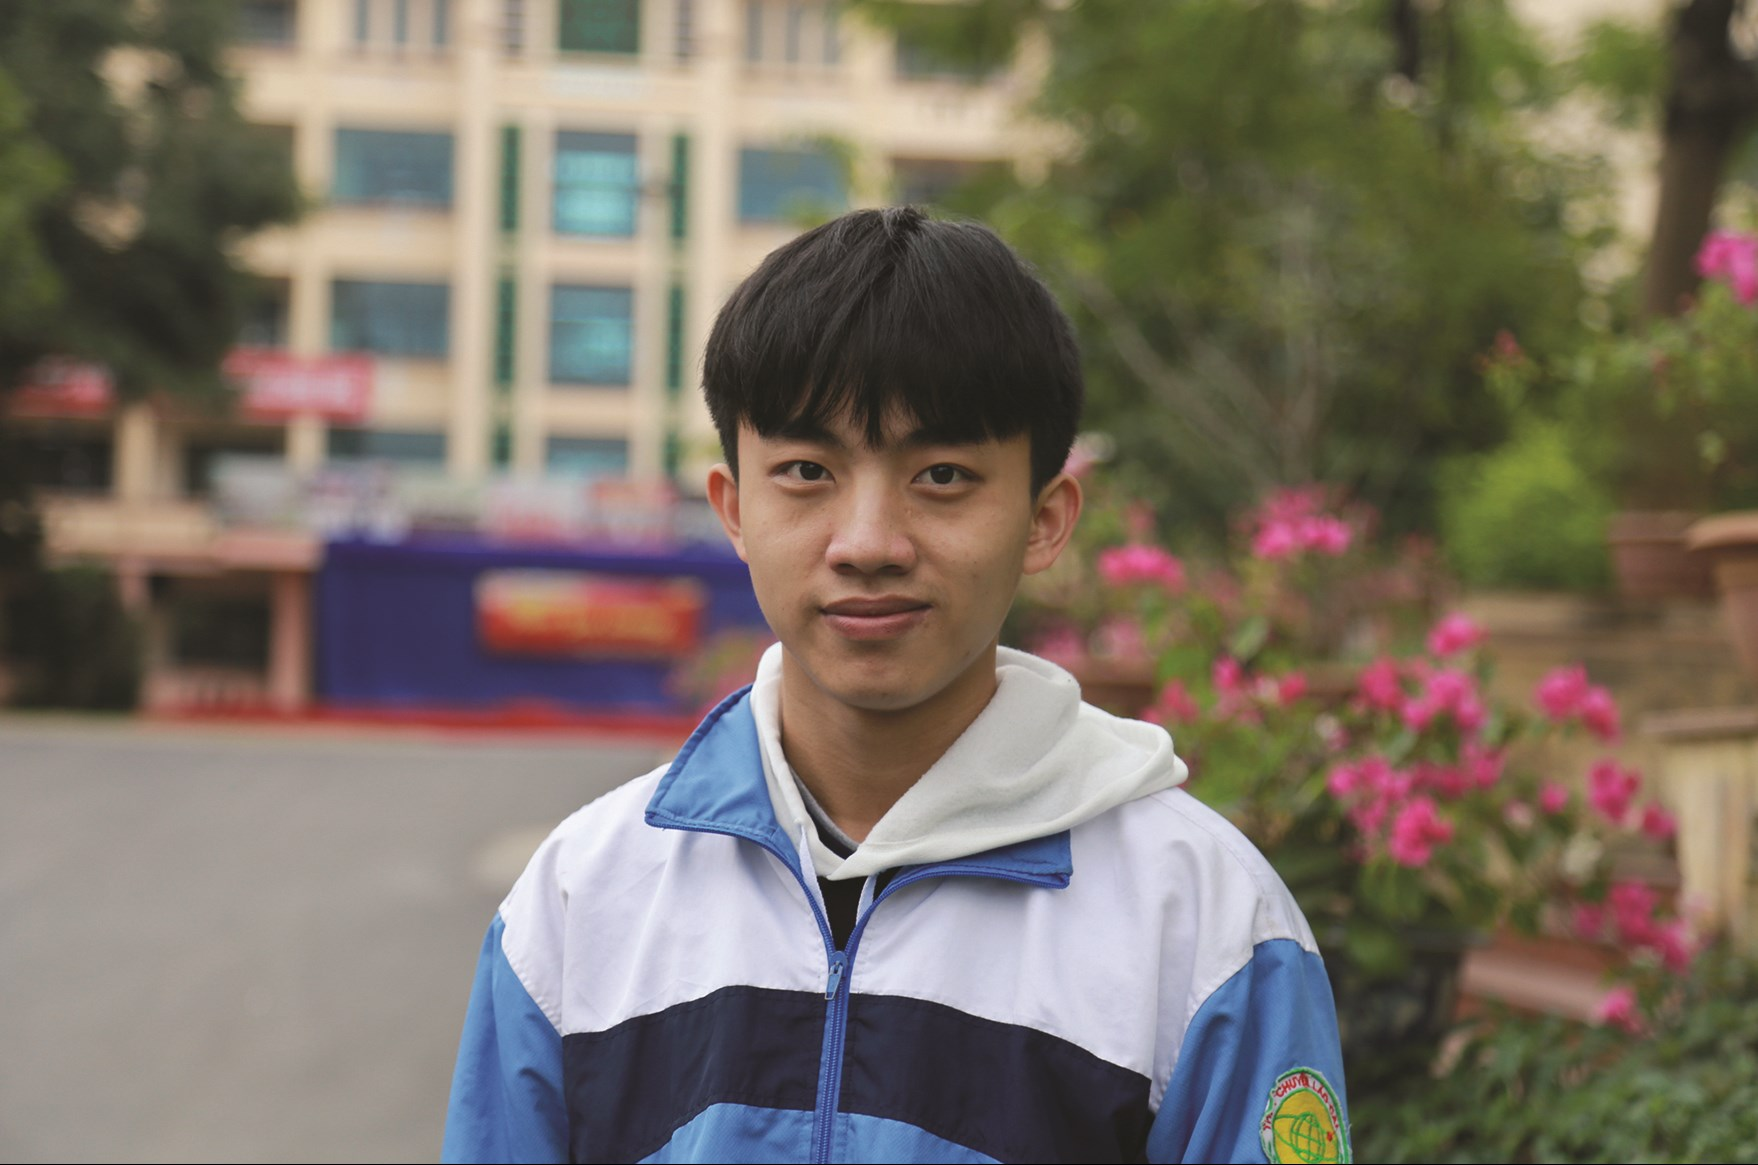 Tại kỳ thi học sinh giỏi quốc gia, Giàng Seo Áo đạt được giải Khuyến khích môn Vật lý